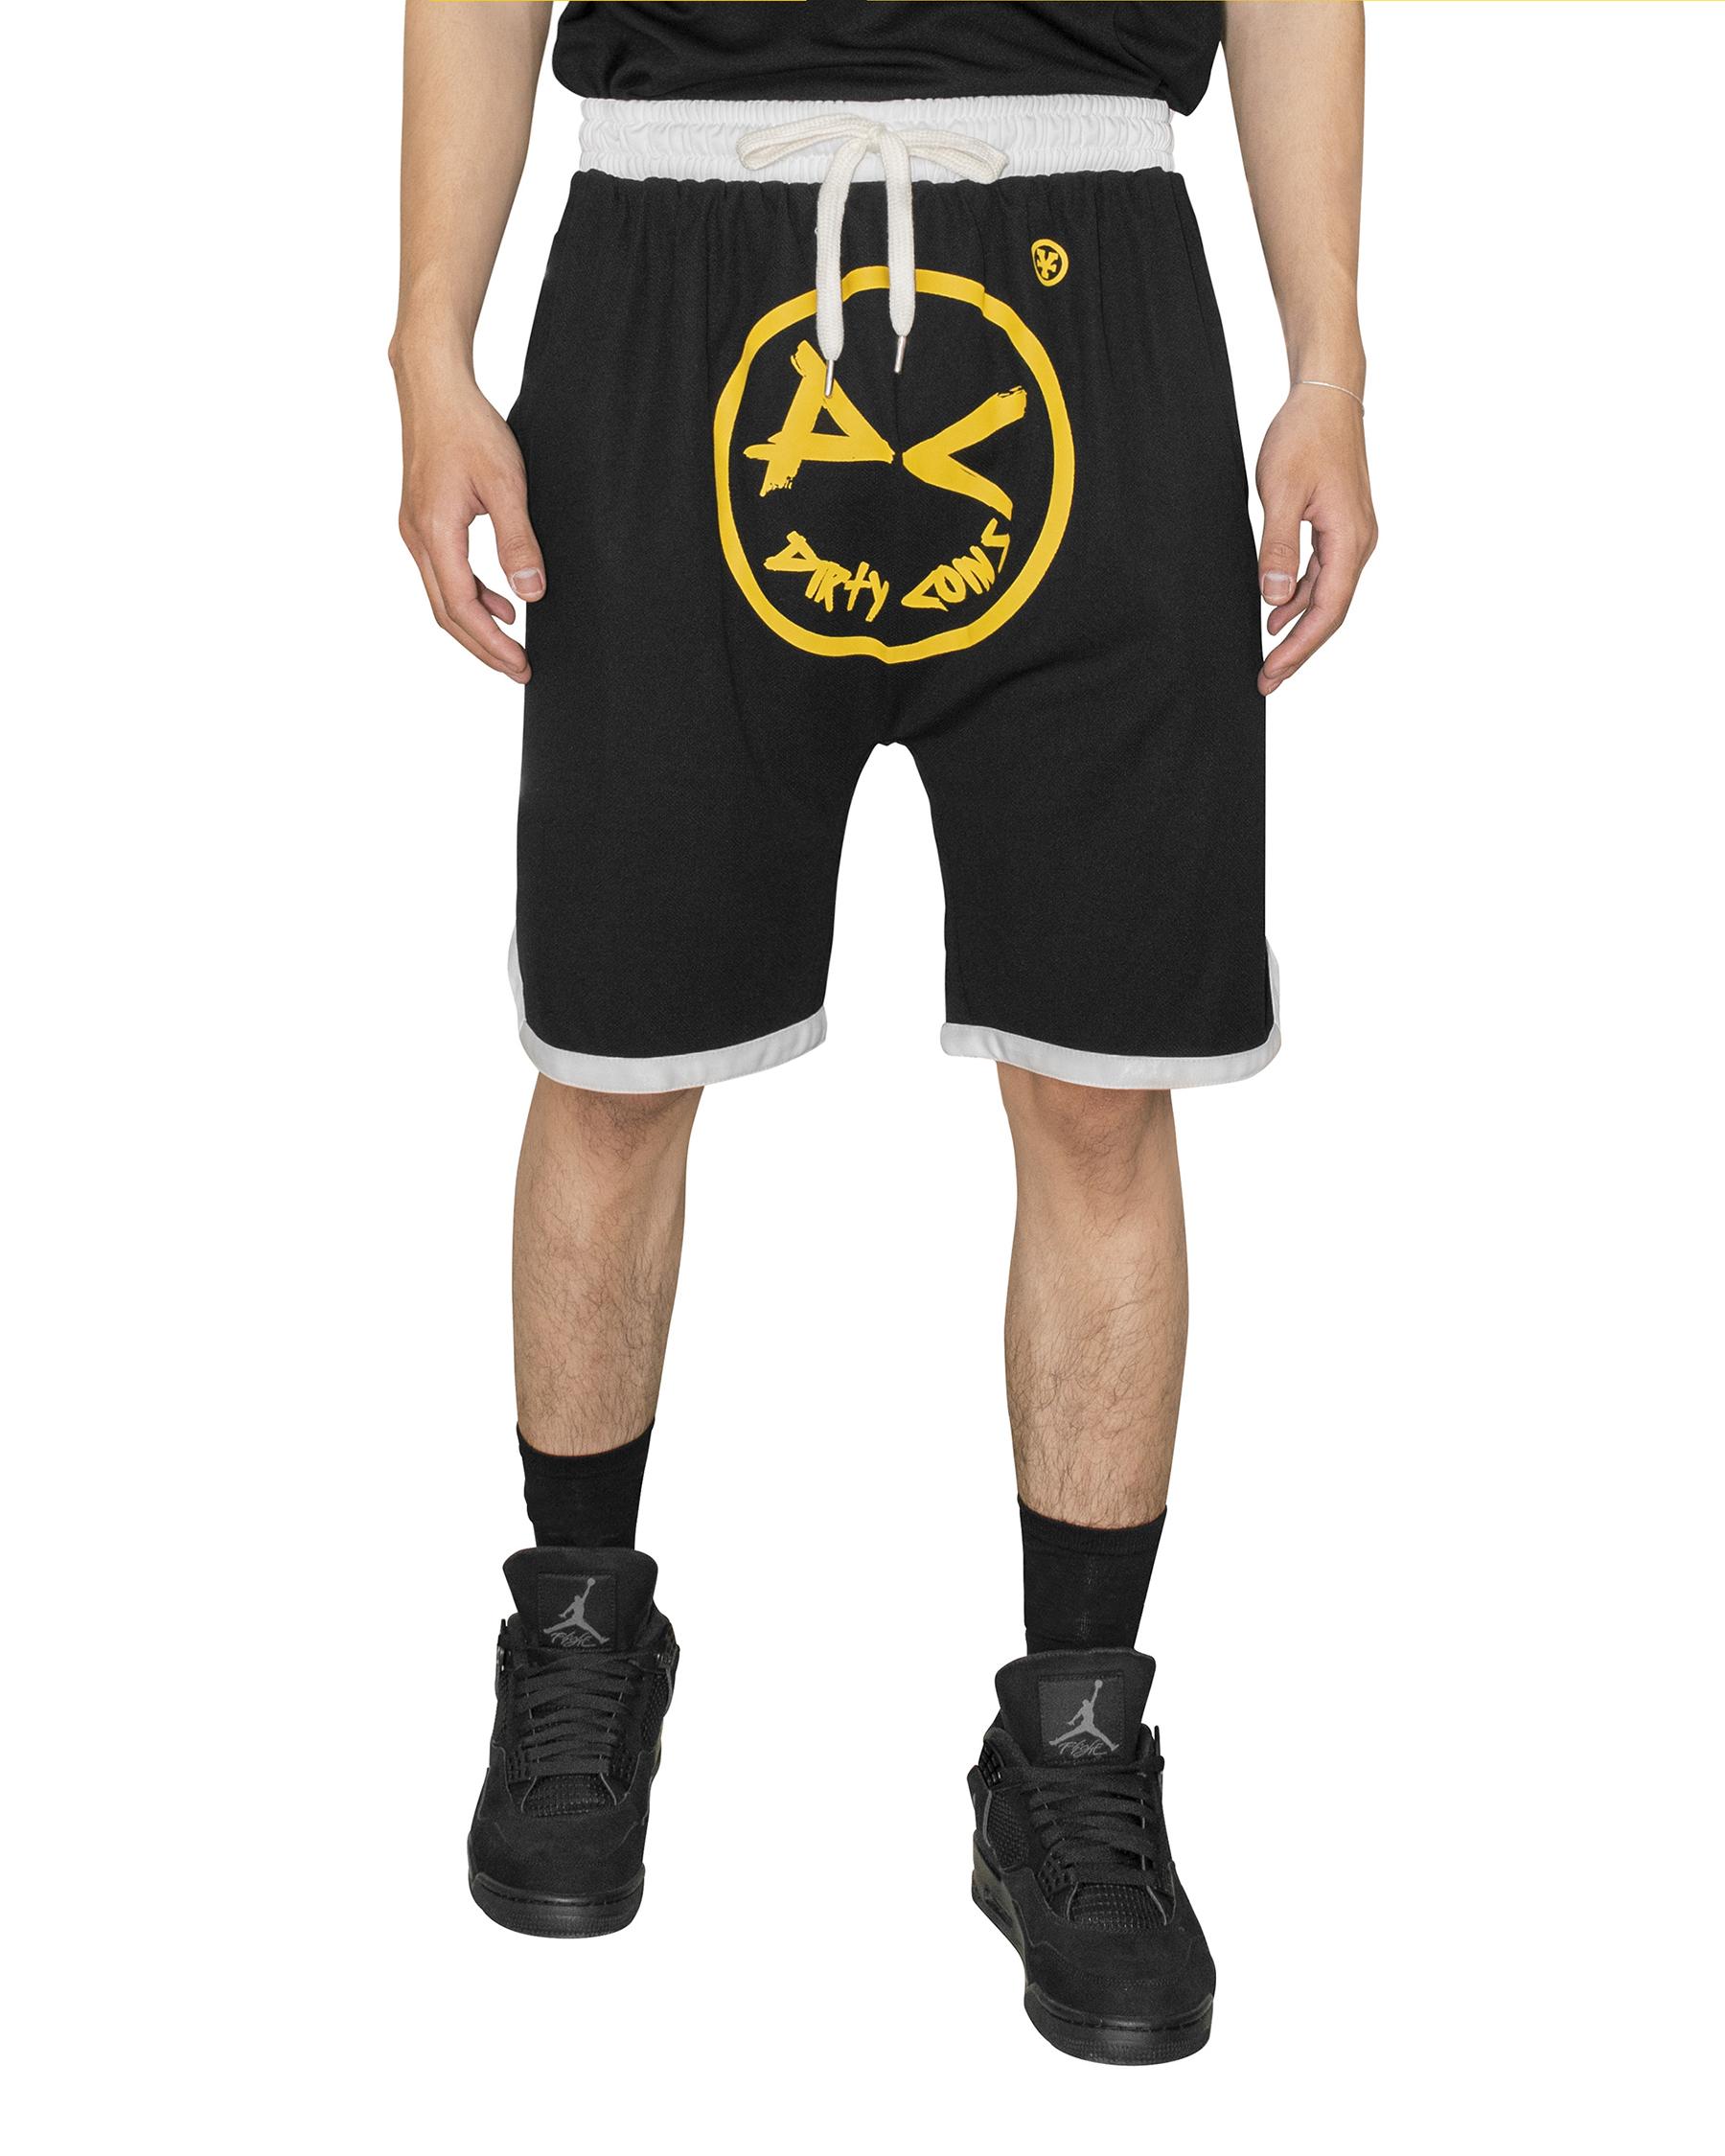 Fukyba Basketball Shorts